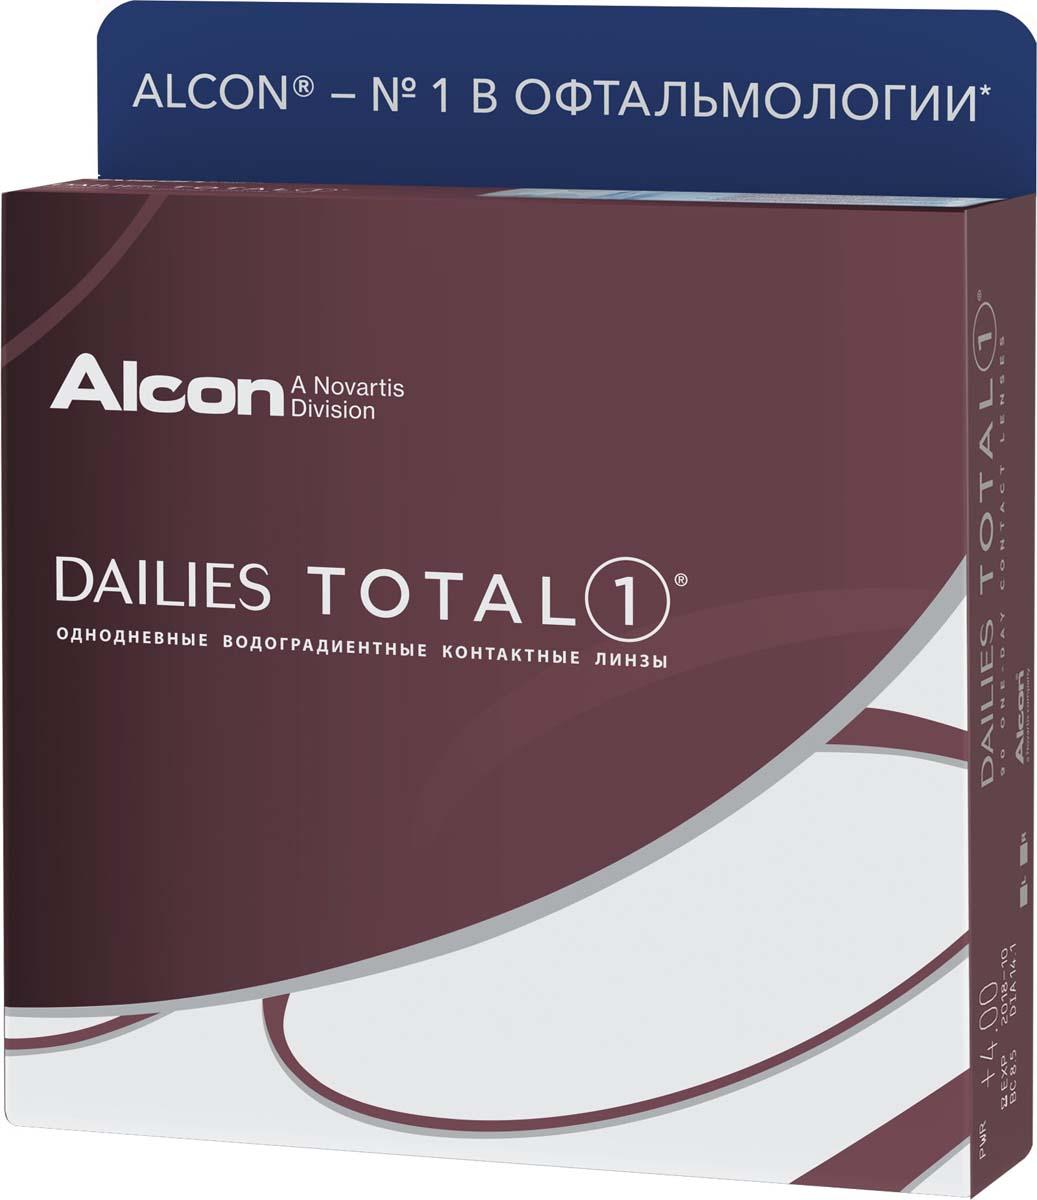 Аlcon Контактные линзы Dailies Total 90 шт /-10.00 /8.5 /14.1